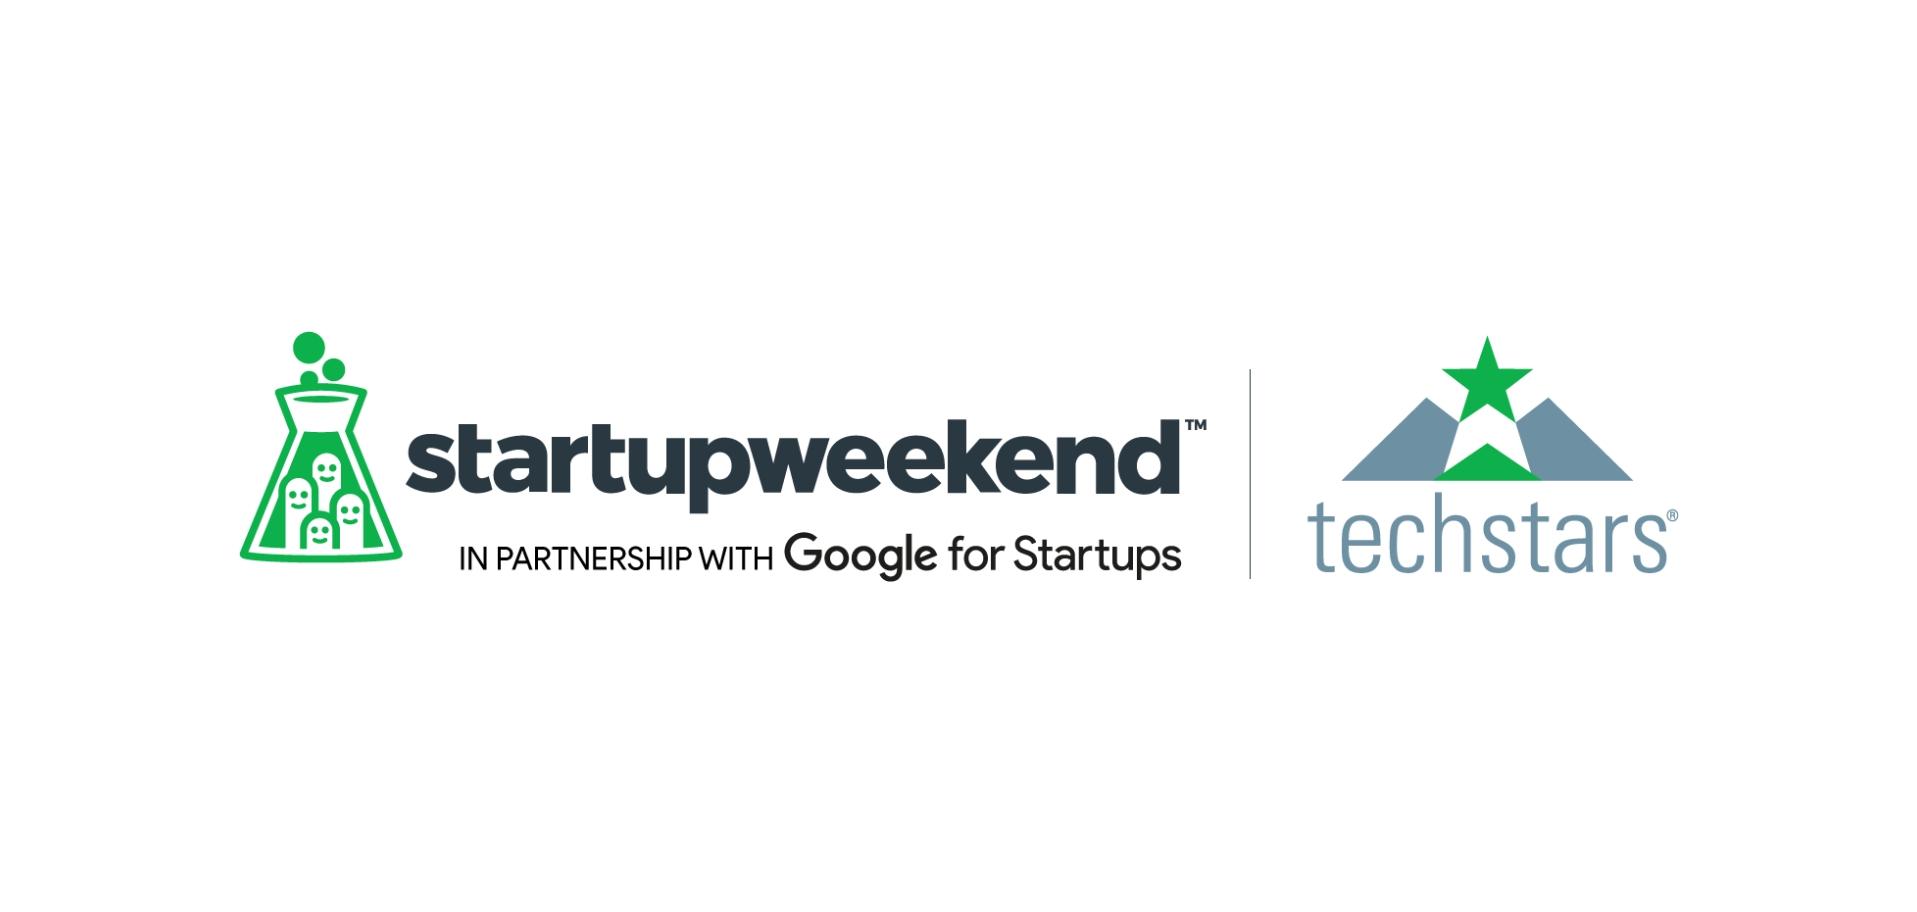 Druhé vydání Startup Weekendu v Olomouci, tentokrát se zaměřením na ženy